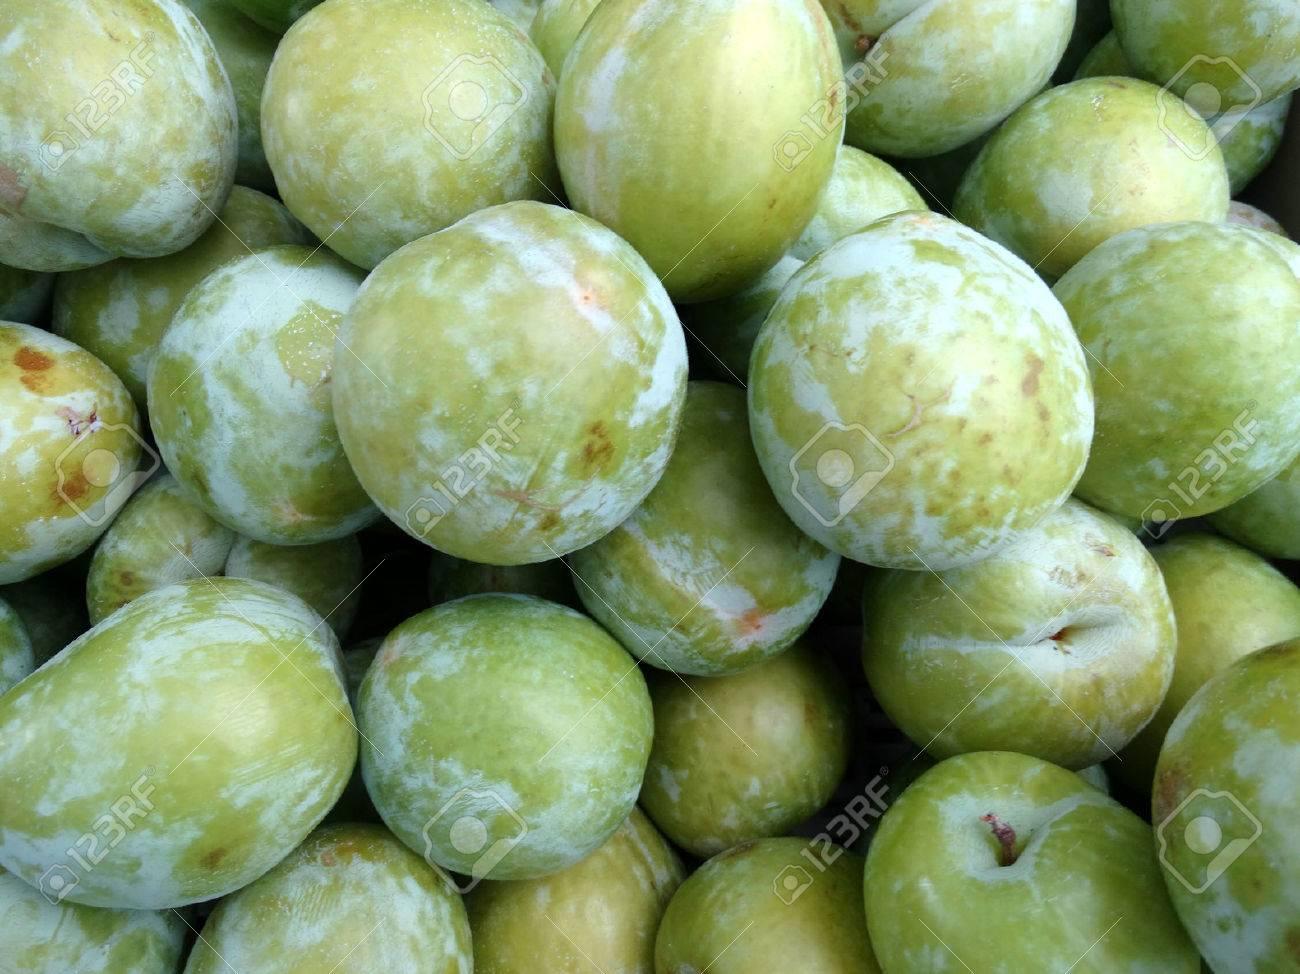 Frutas de esmeraldas ecuador